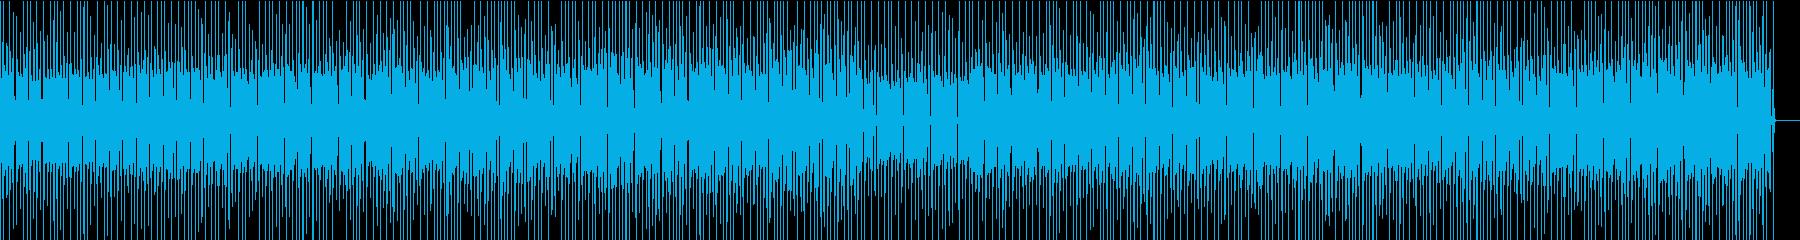 ノリのよい、昔のロック風BGM の再生済みの波形